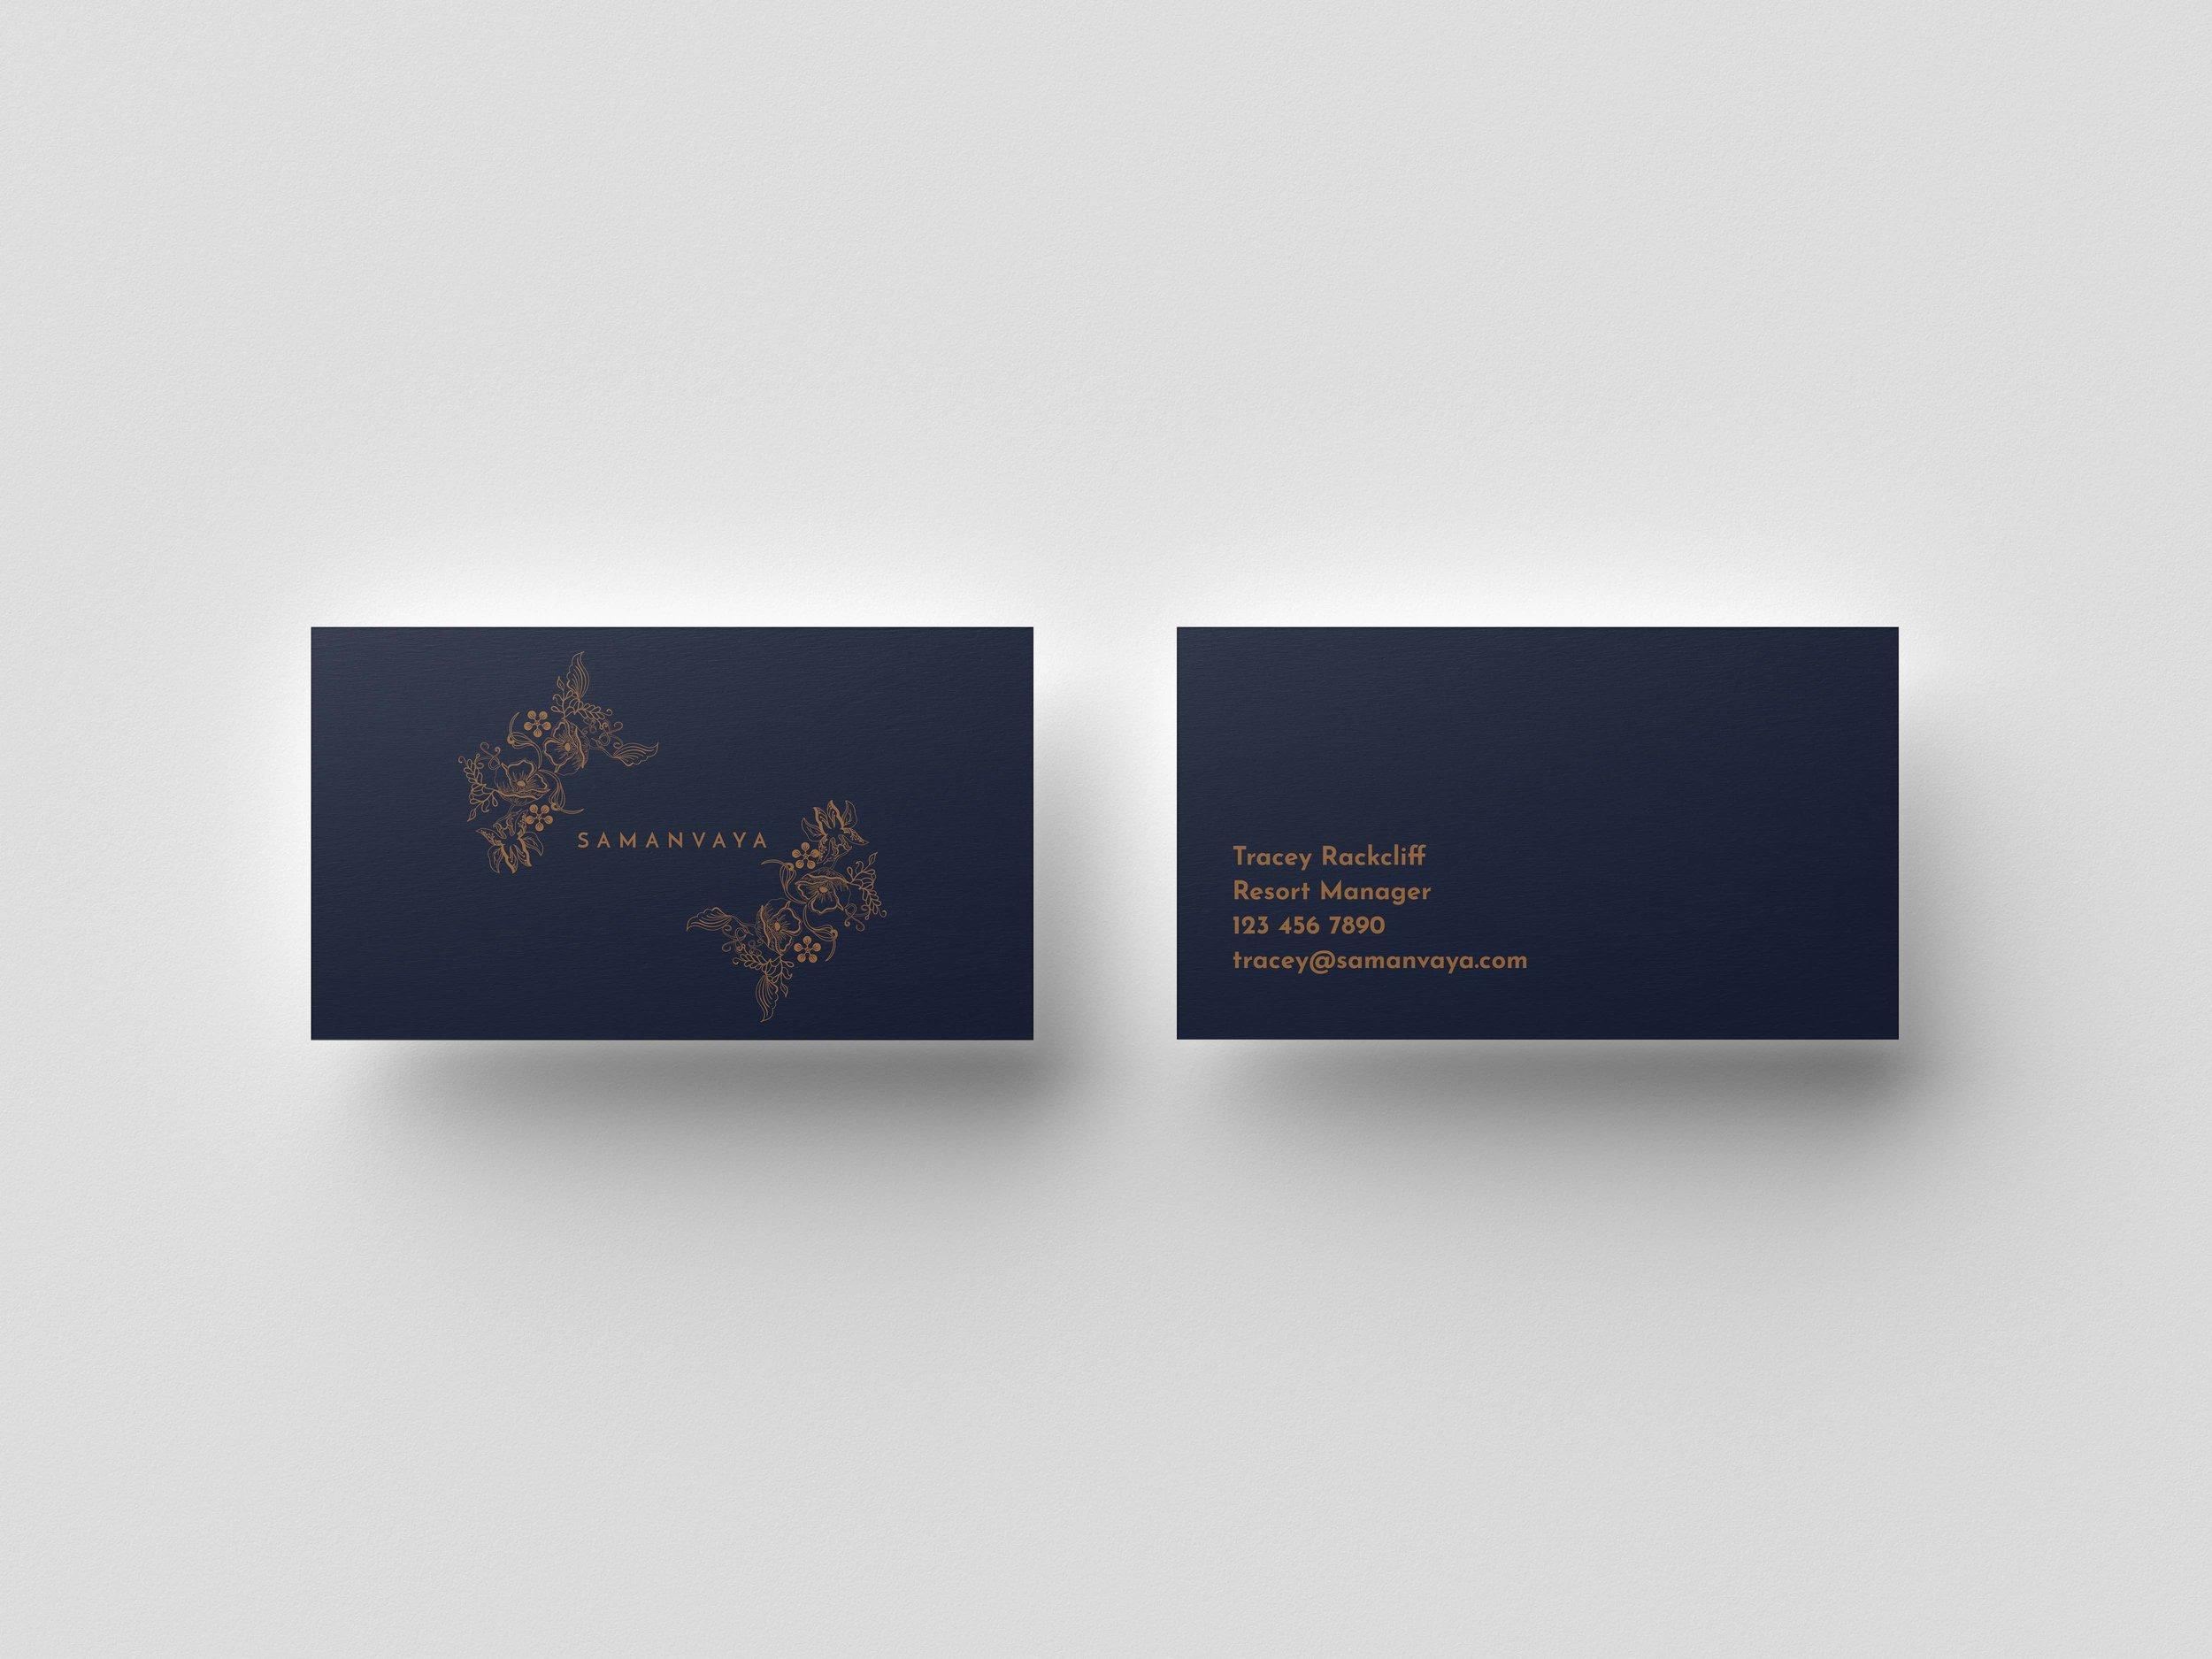 Samanvaya Business Cards.jpg